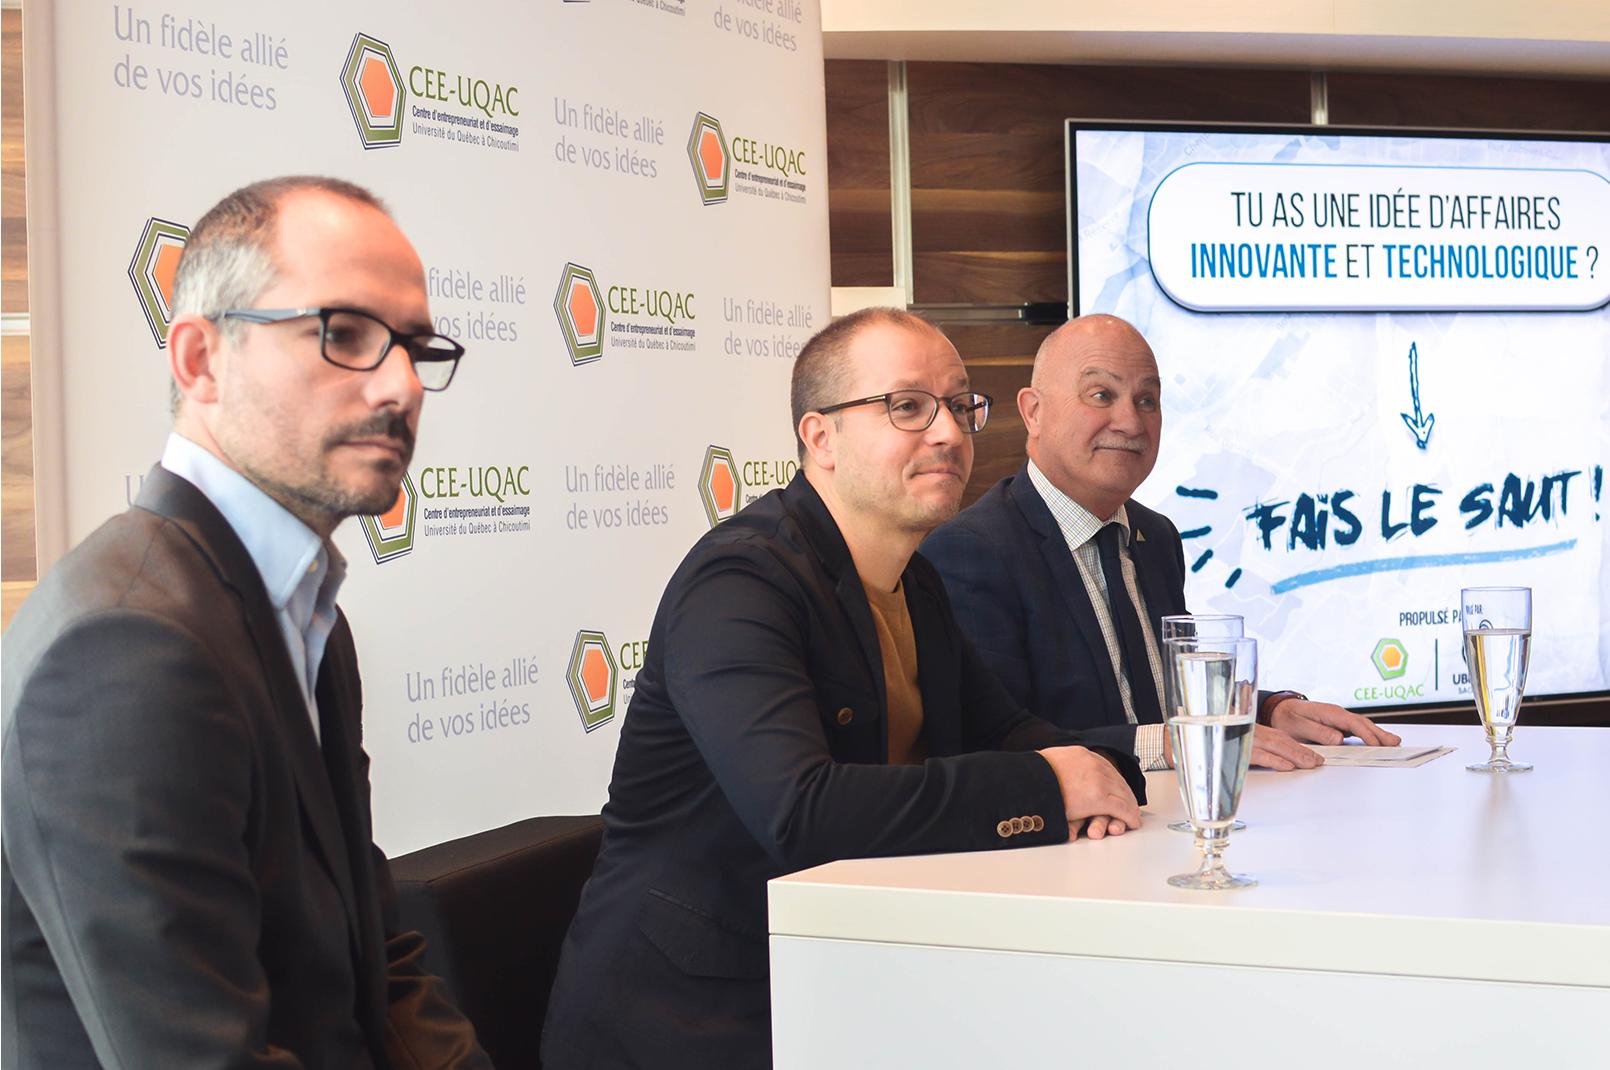 Ubisoft Saguenay et le CEE-UQAC s'associent pour propulser un projet d'affaires innovant